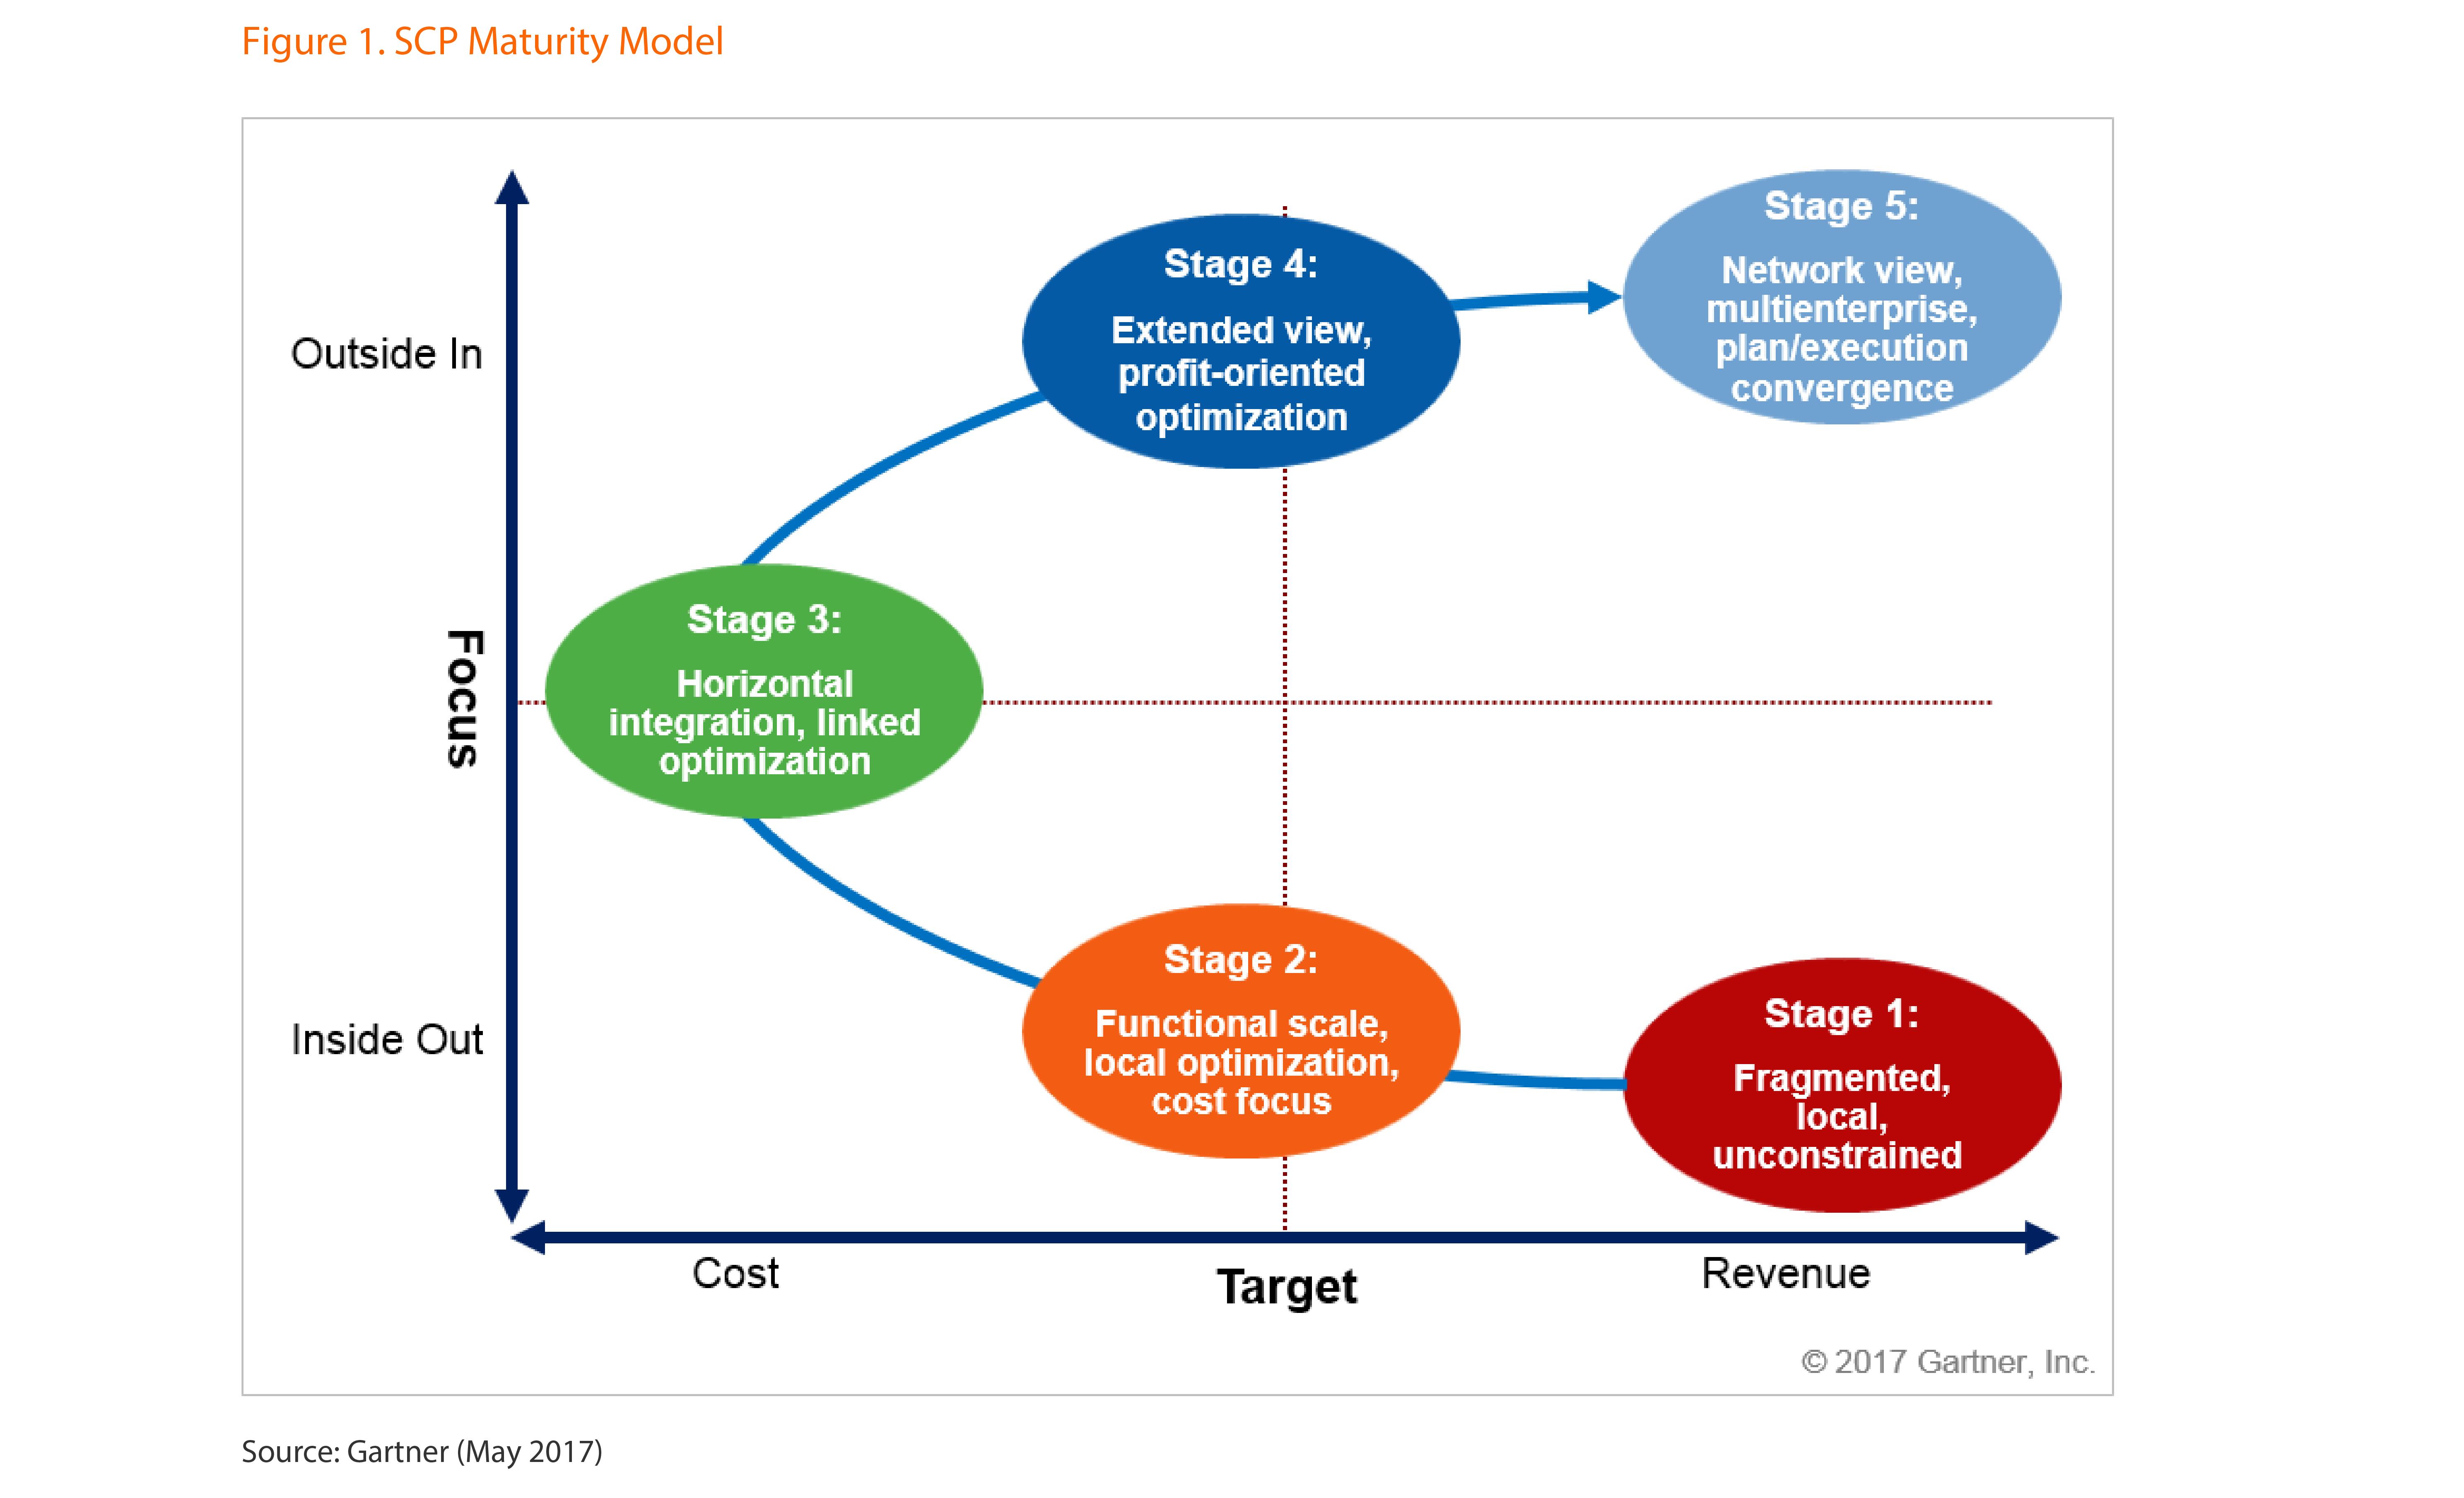 Gartner SCP five stage maturity model